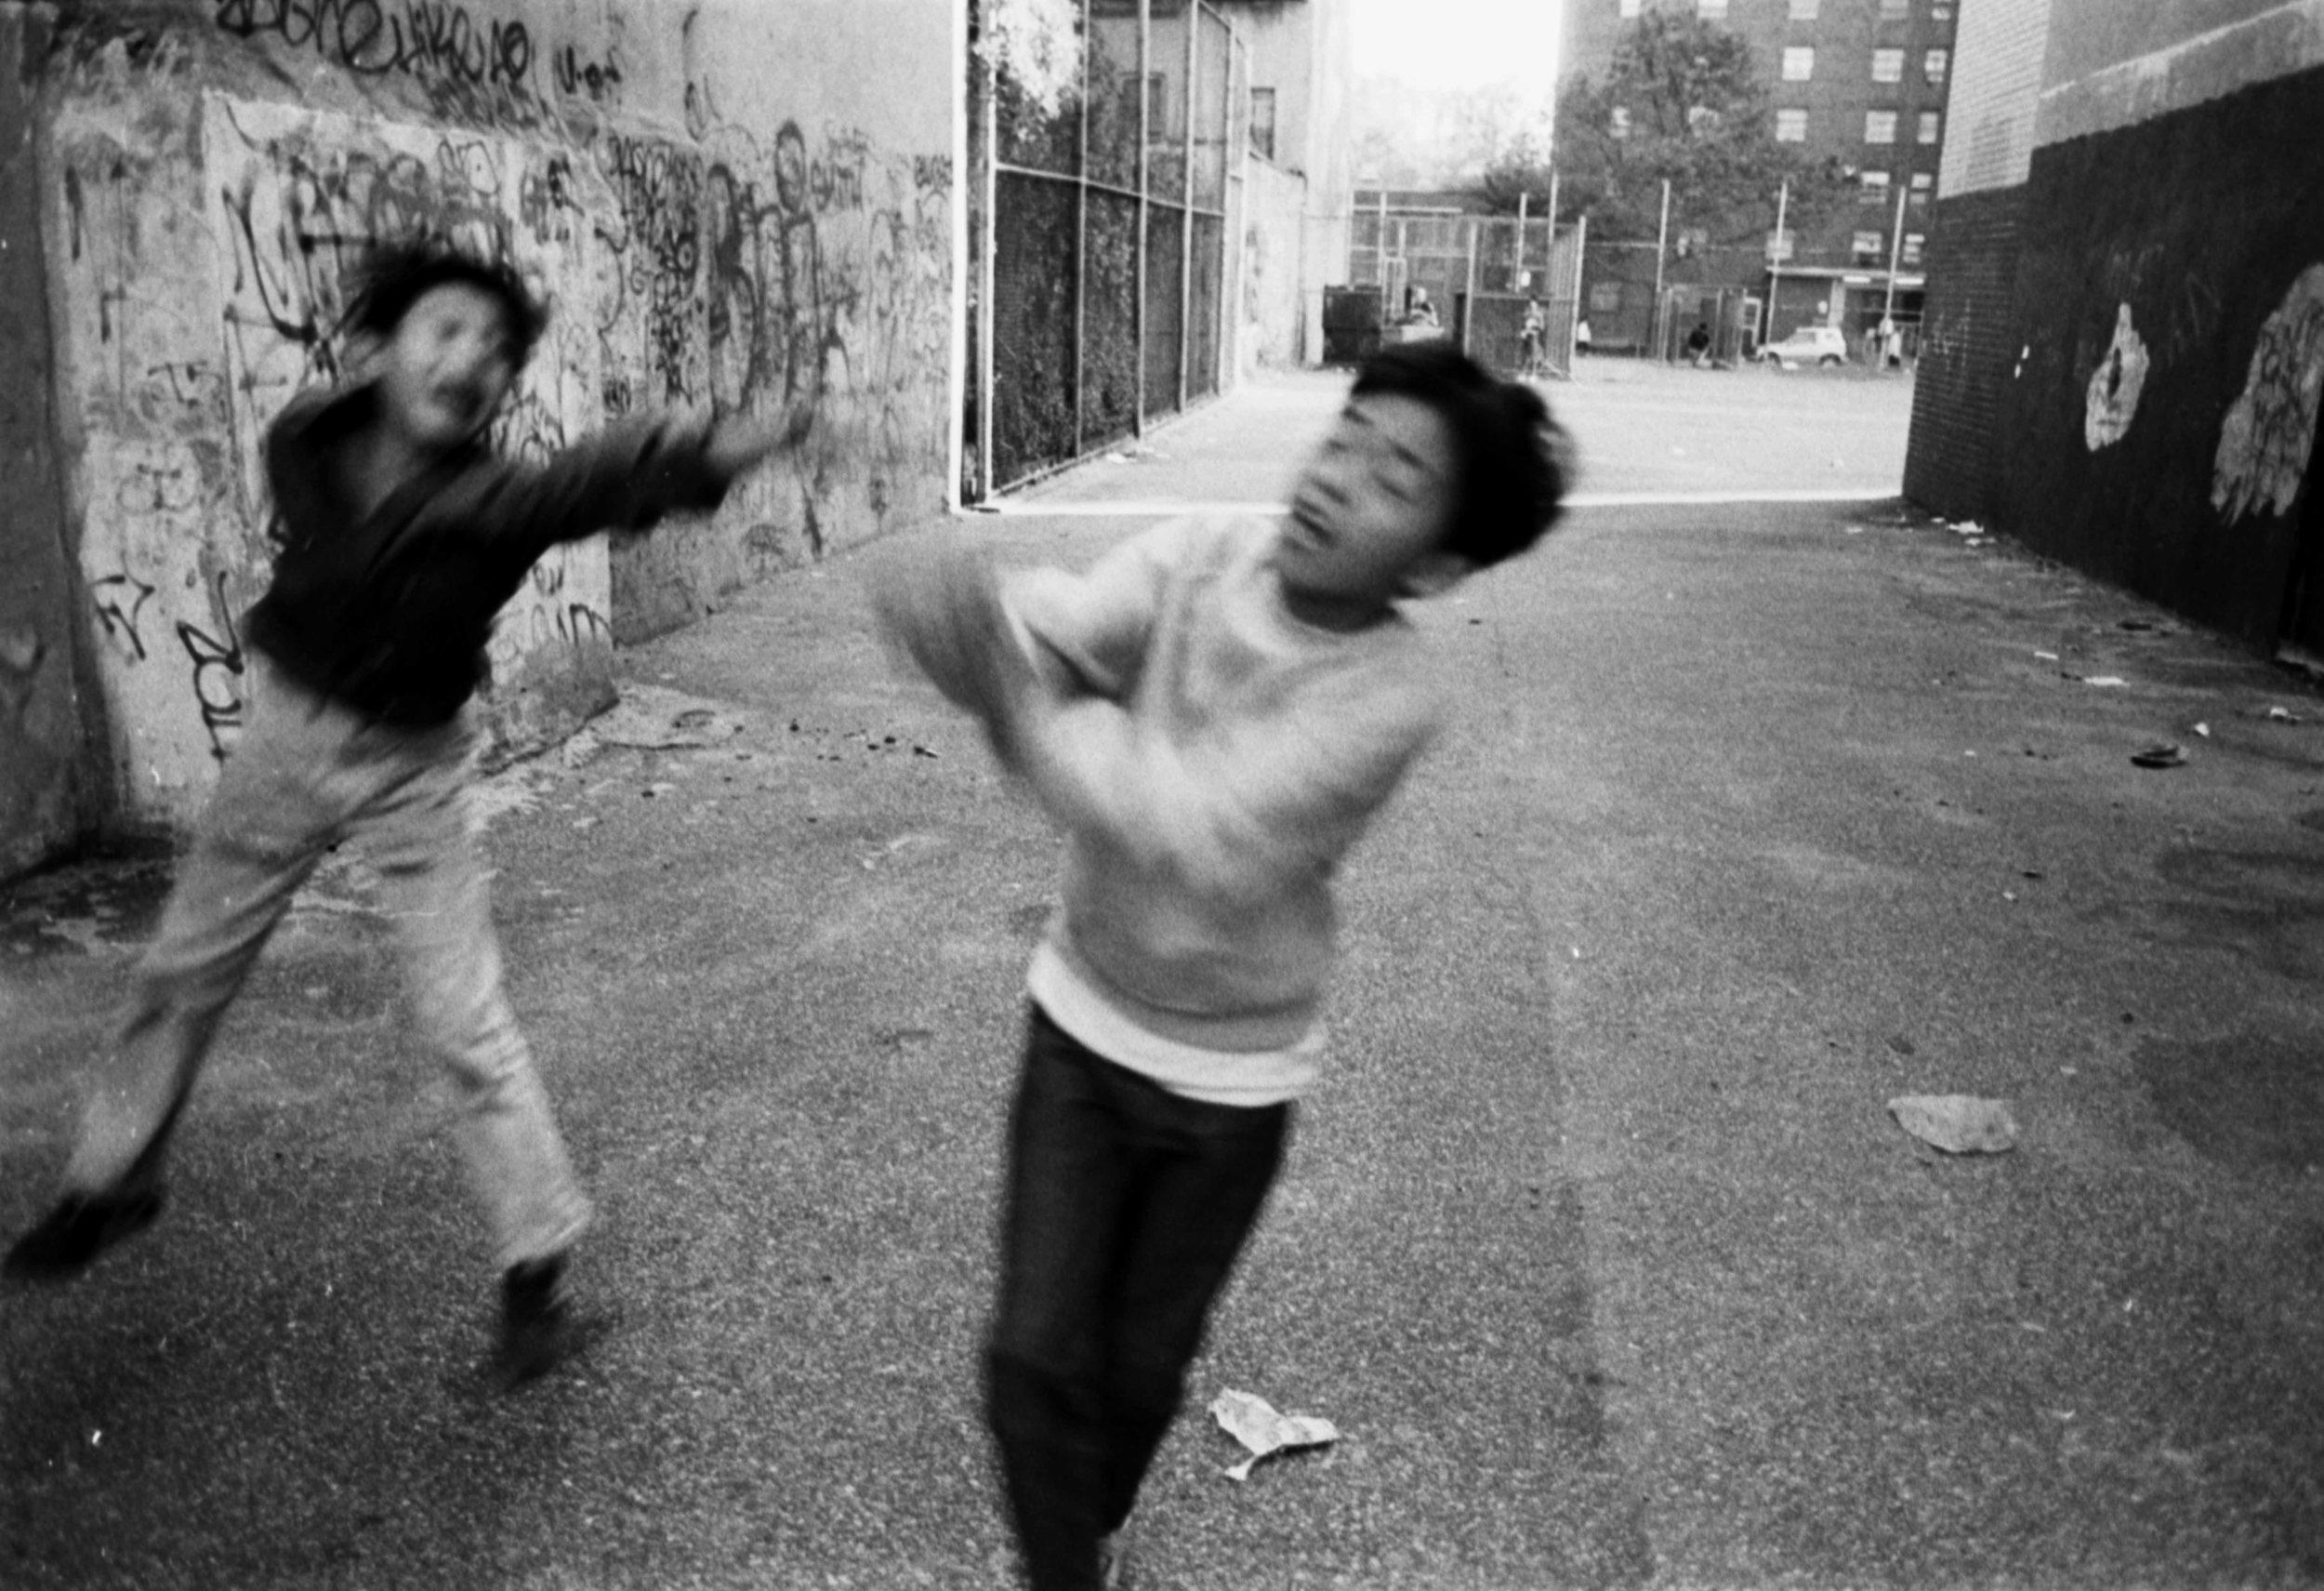 ChinatownKids_Fnl_01.jpg